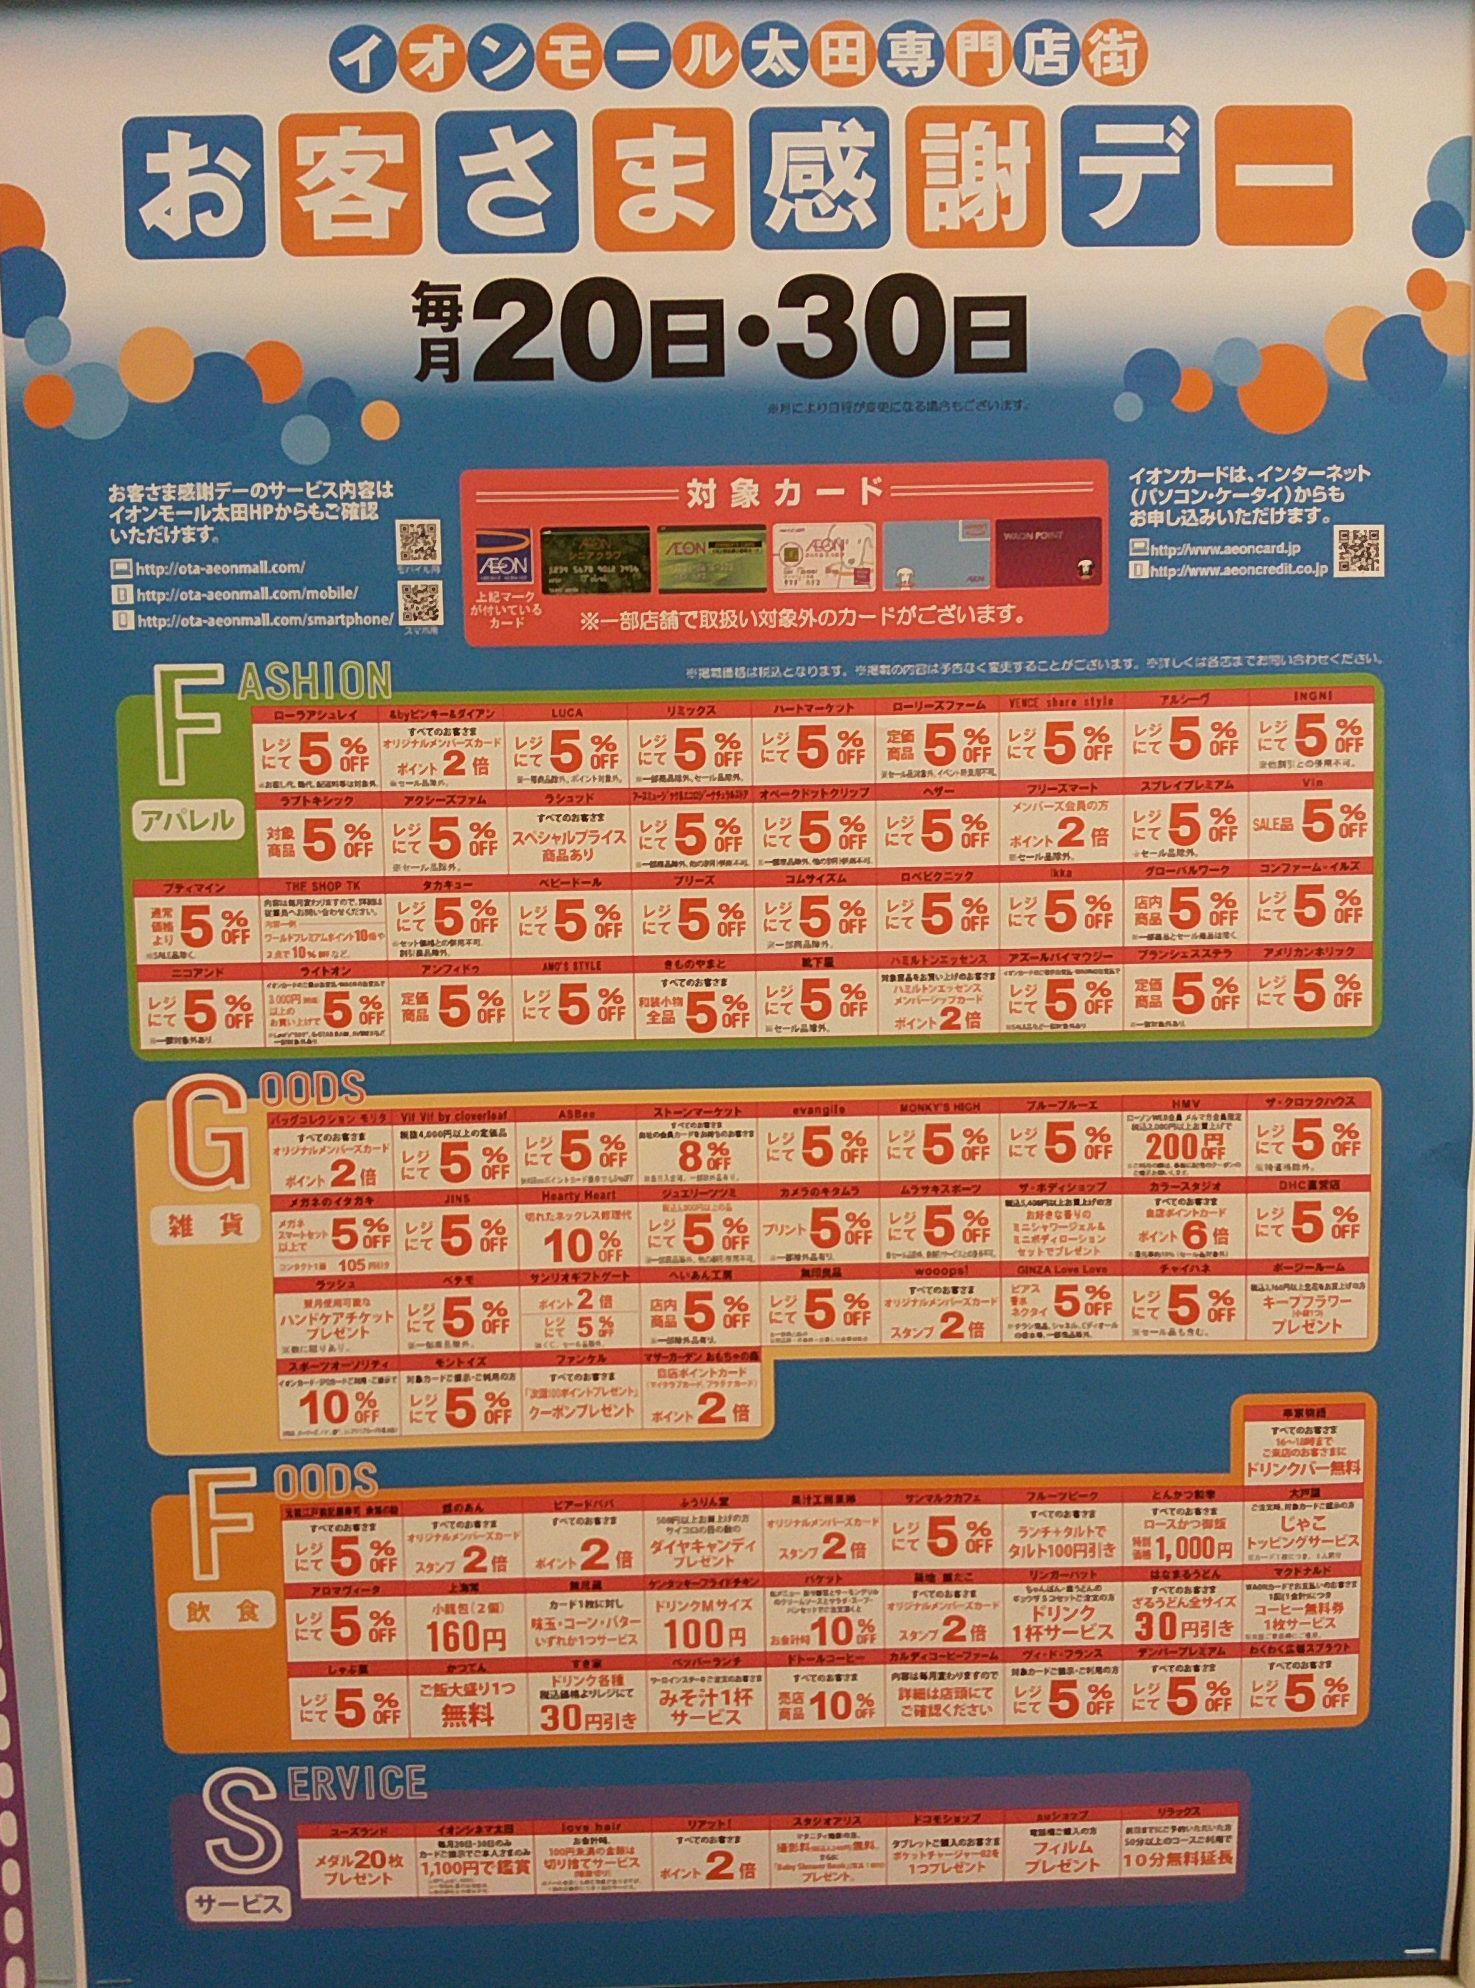 イオン太田店の毎月20日、30日のお客様感謝デーって意外と使えるかもな